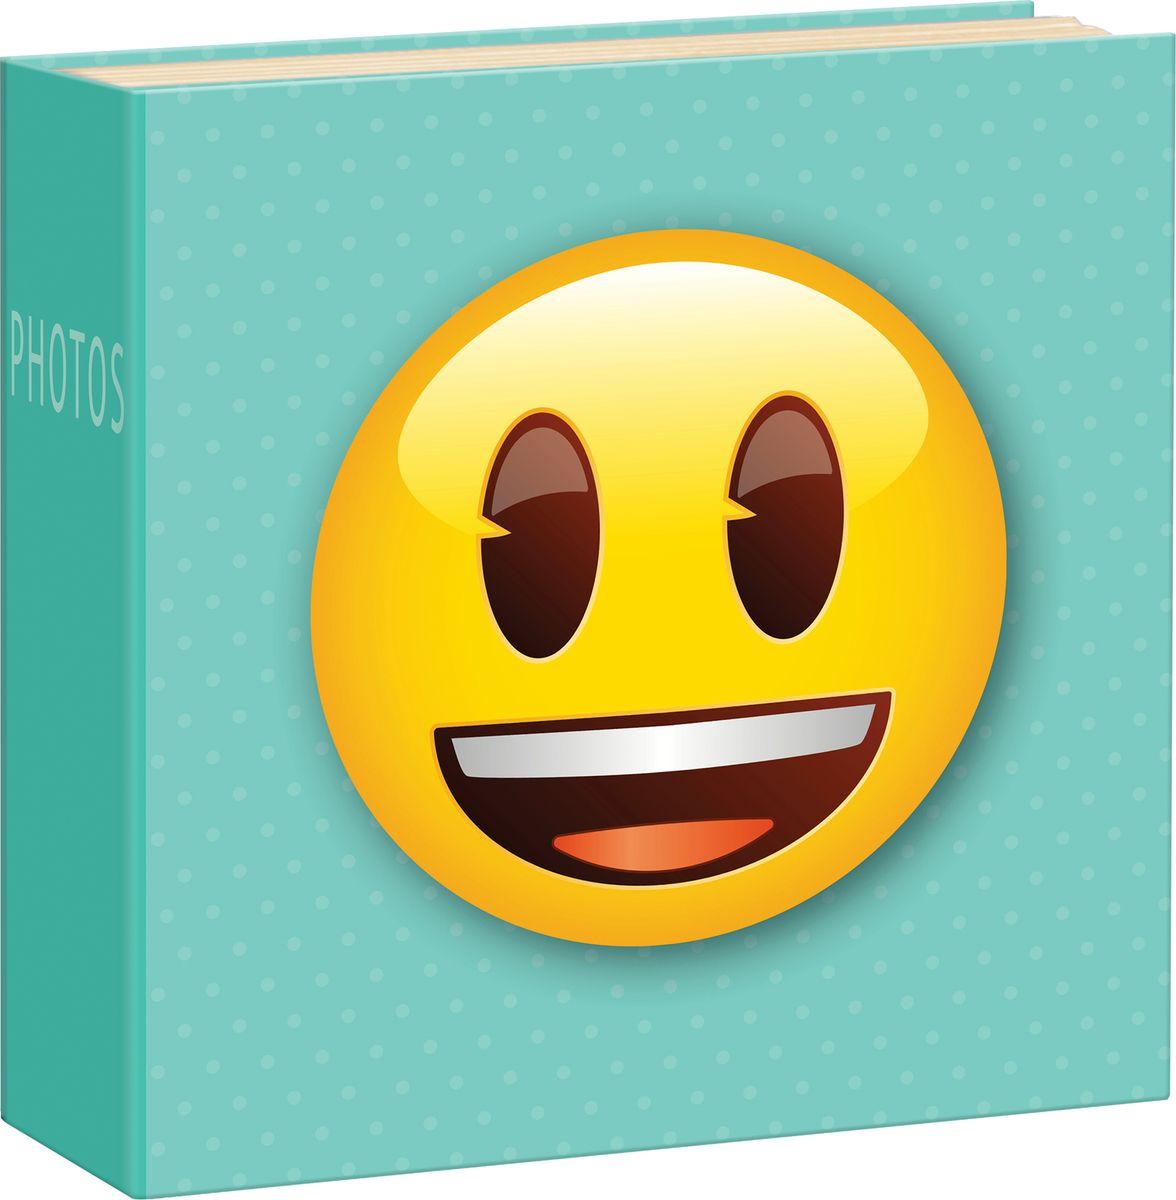 """Фотоальбом """"Innova"""" имеет обложку из плотного картона. Альбом рассчитан на 200 фотографий форматом 10 х 15 см. Страницы изготовлены из бумаги и скреплены книжным переплетом. Дизайн фотоальбома  посвящен любимым смайликам """"Emoji"""".  Фотоальбом является  универсальным подарком к любому празднику.  Родным, близким и просто знакомым будет  приятно помещать фотографии в этот альбом."""